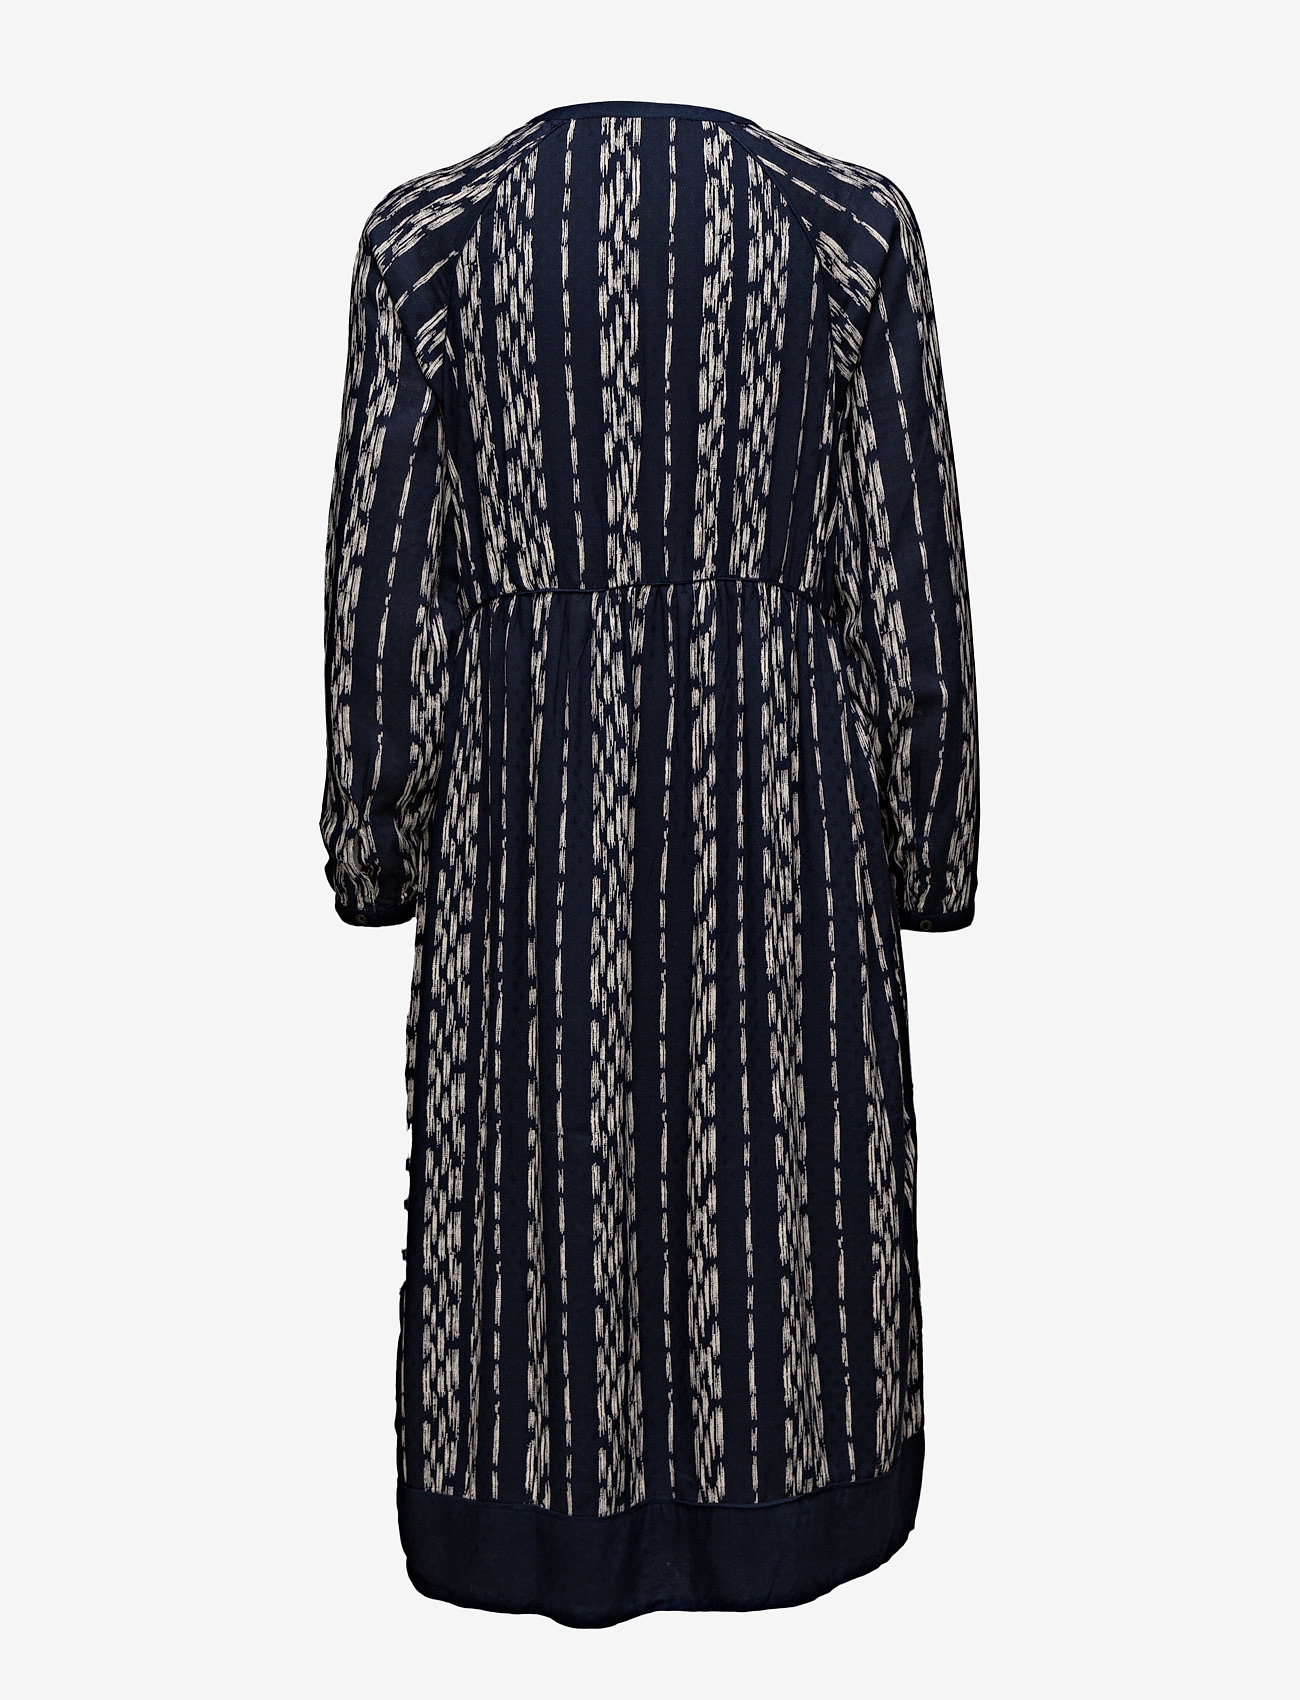 Helena Dress (Ikat Print) (65.70 €) - Lexington Clothing bzCzm